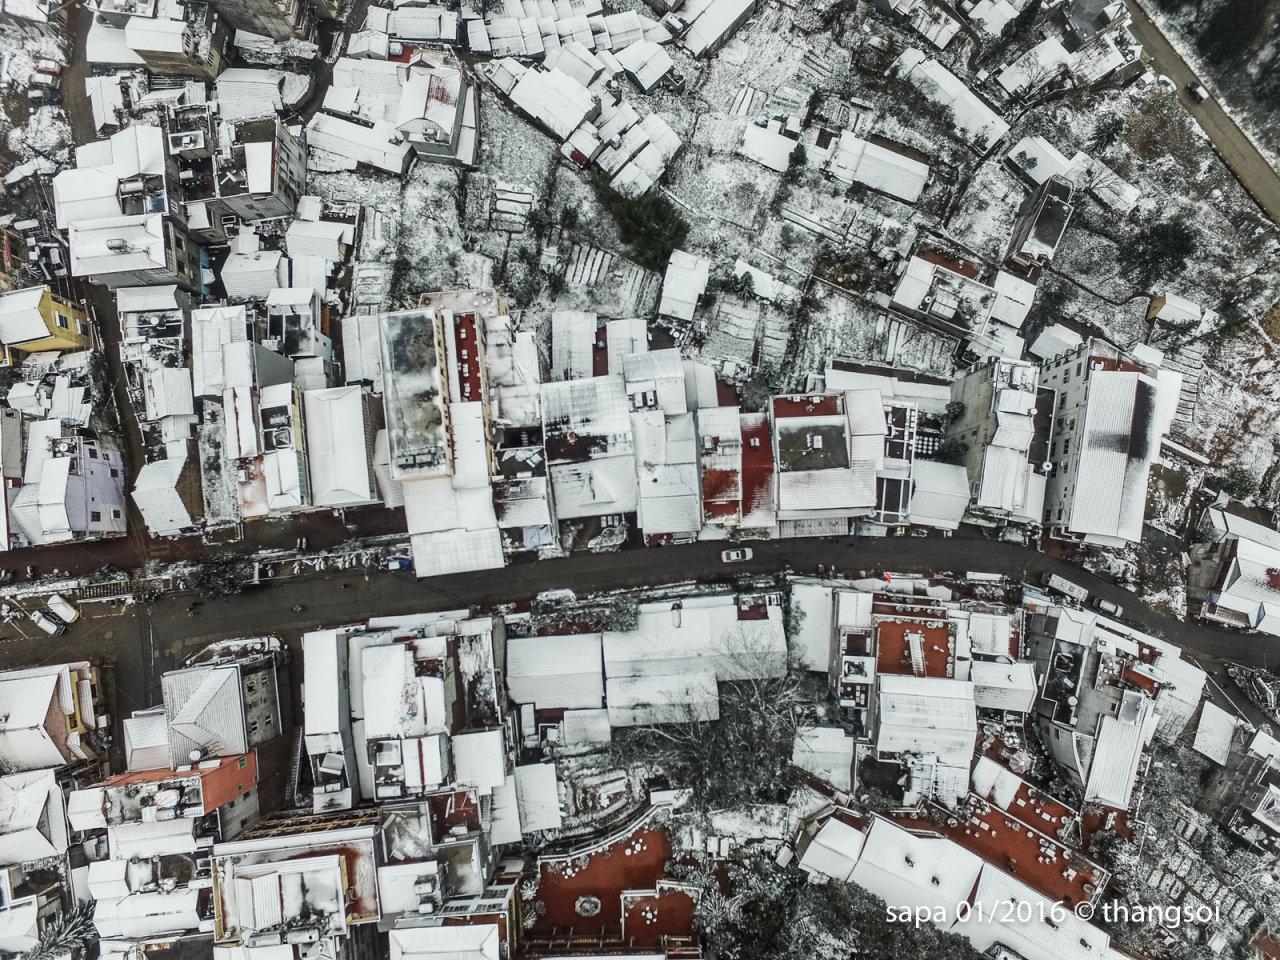 Tuyết phủ trắng xoá Sapa nhìn từ trên cao bằng flycam - Ảnh 7